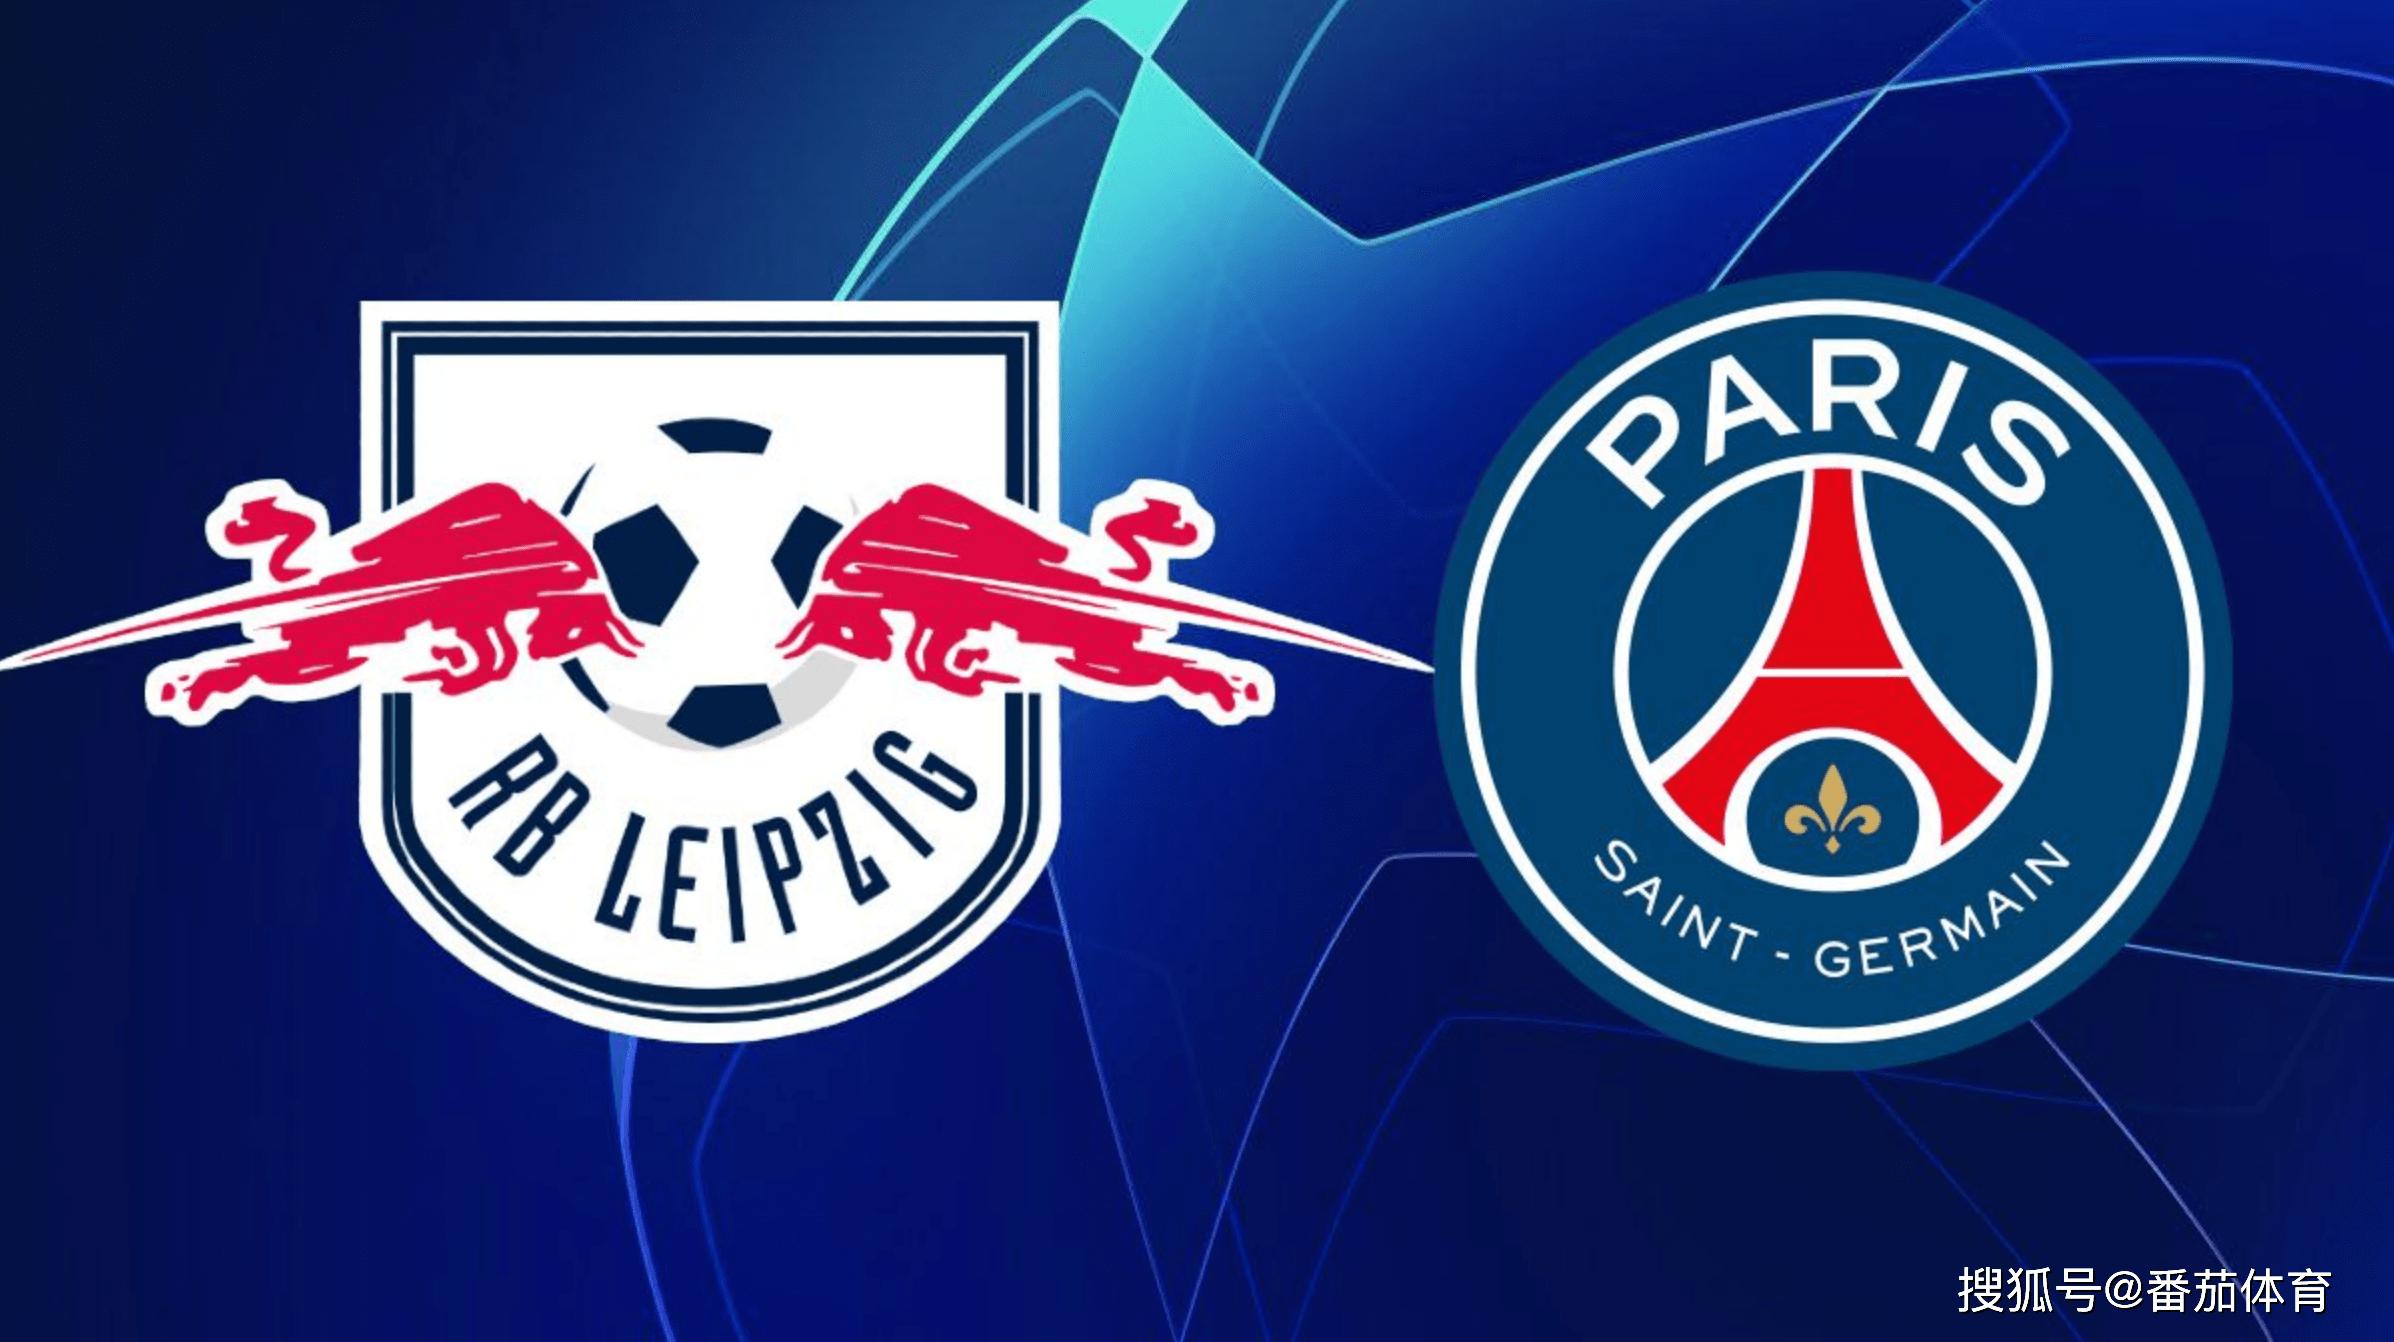 「欧冠杯」RB莱比锡vs巴黎圣日耳曼红牛对年夜巴黎谁能取胜?